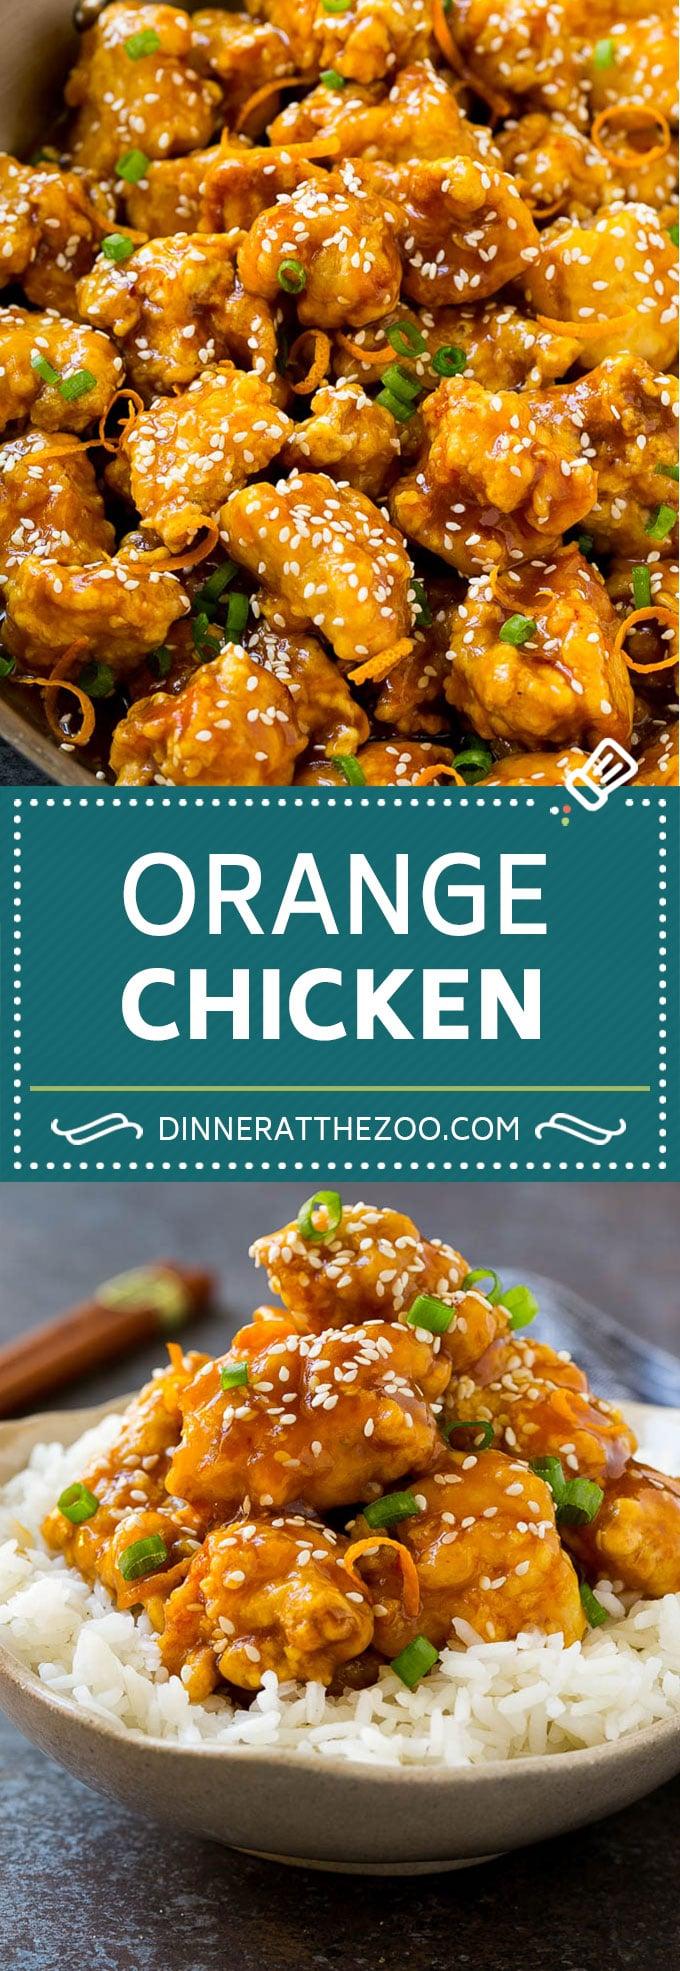 Orange Chicken Recipe | Chinese Orange Chicken | Panda Express Orange Chicken #orange #chicken #takeout #chinesefood #dinner #dinneratthezoo #chineseorangechicken